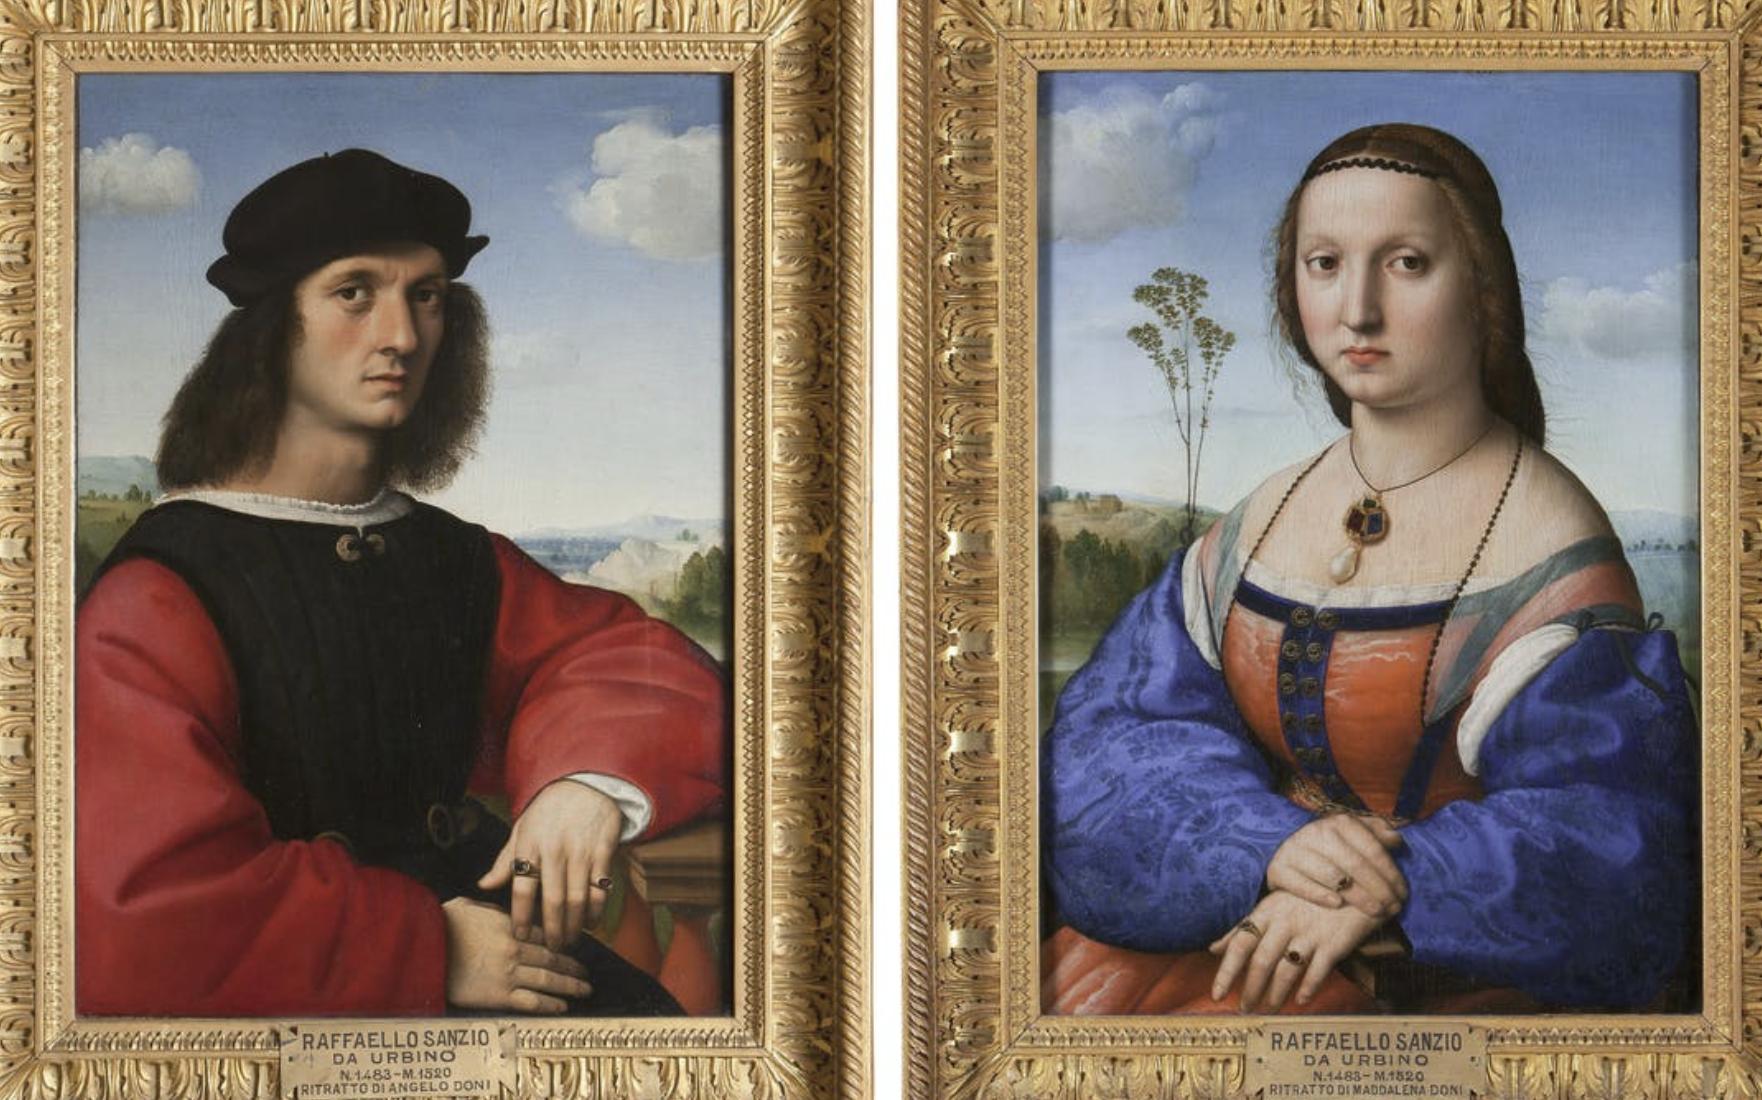 Family Doni's Portraits at Uffizi Gallery